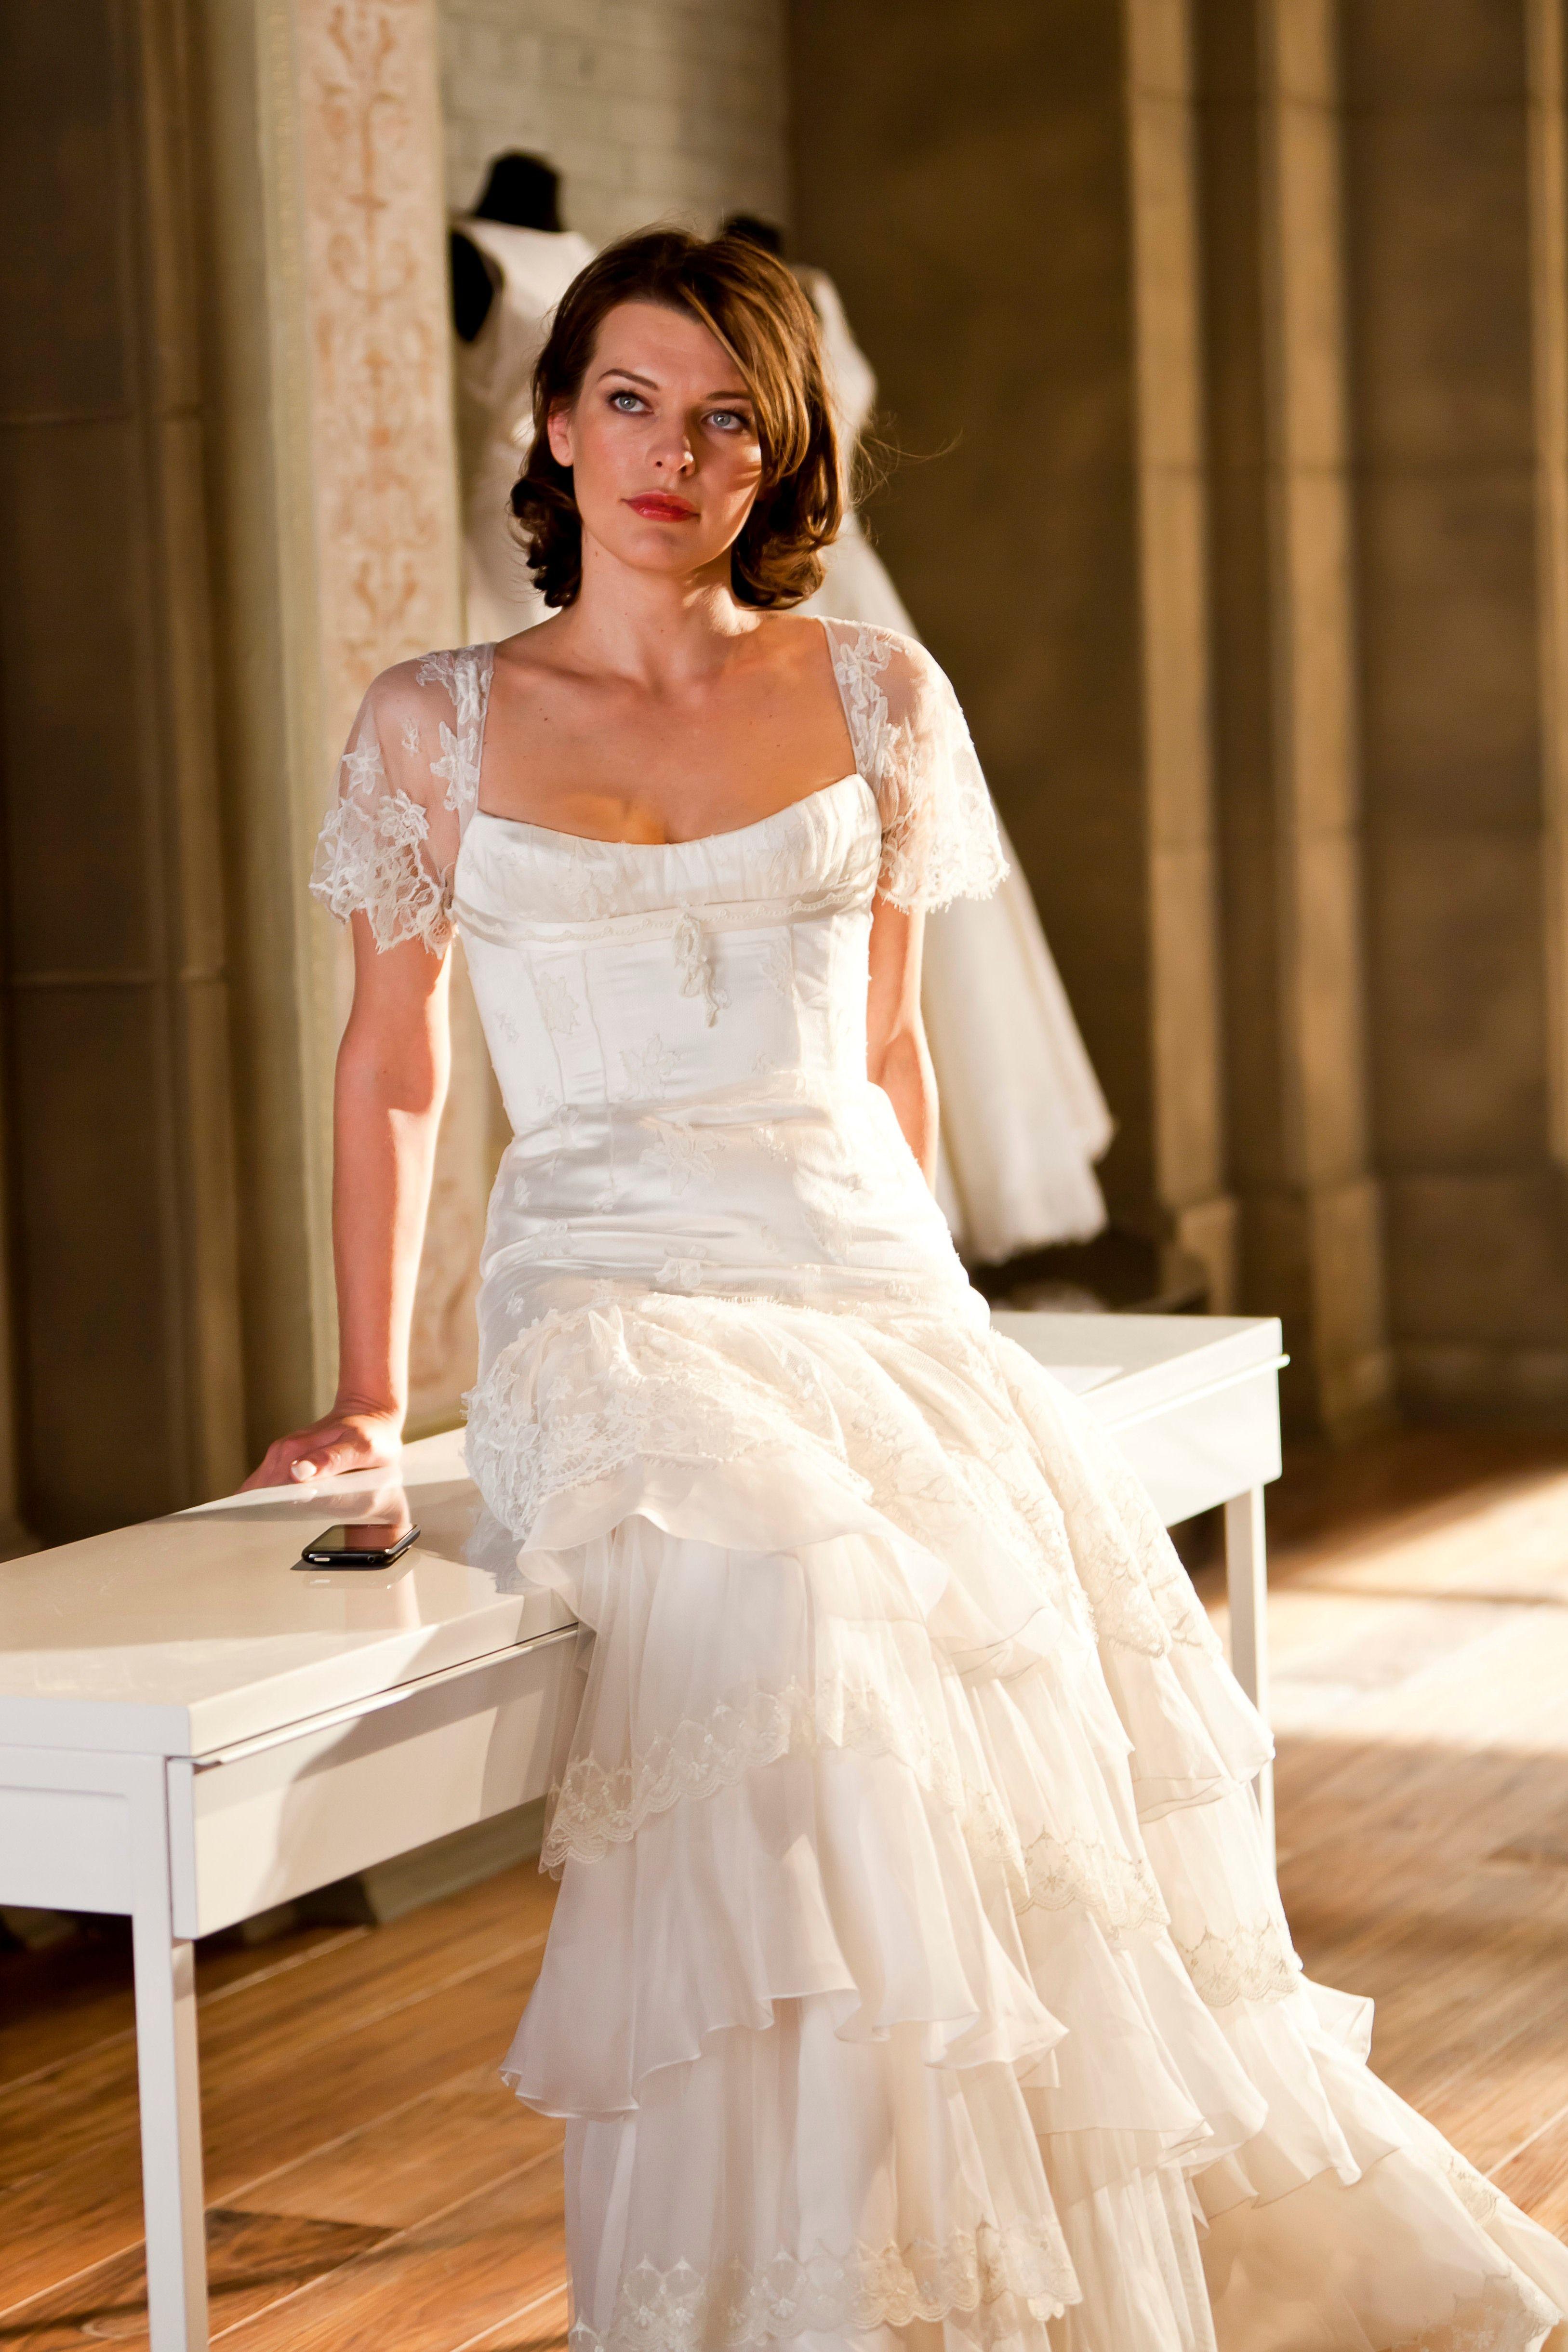 Ххх в свадебном платье 20 фотография